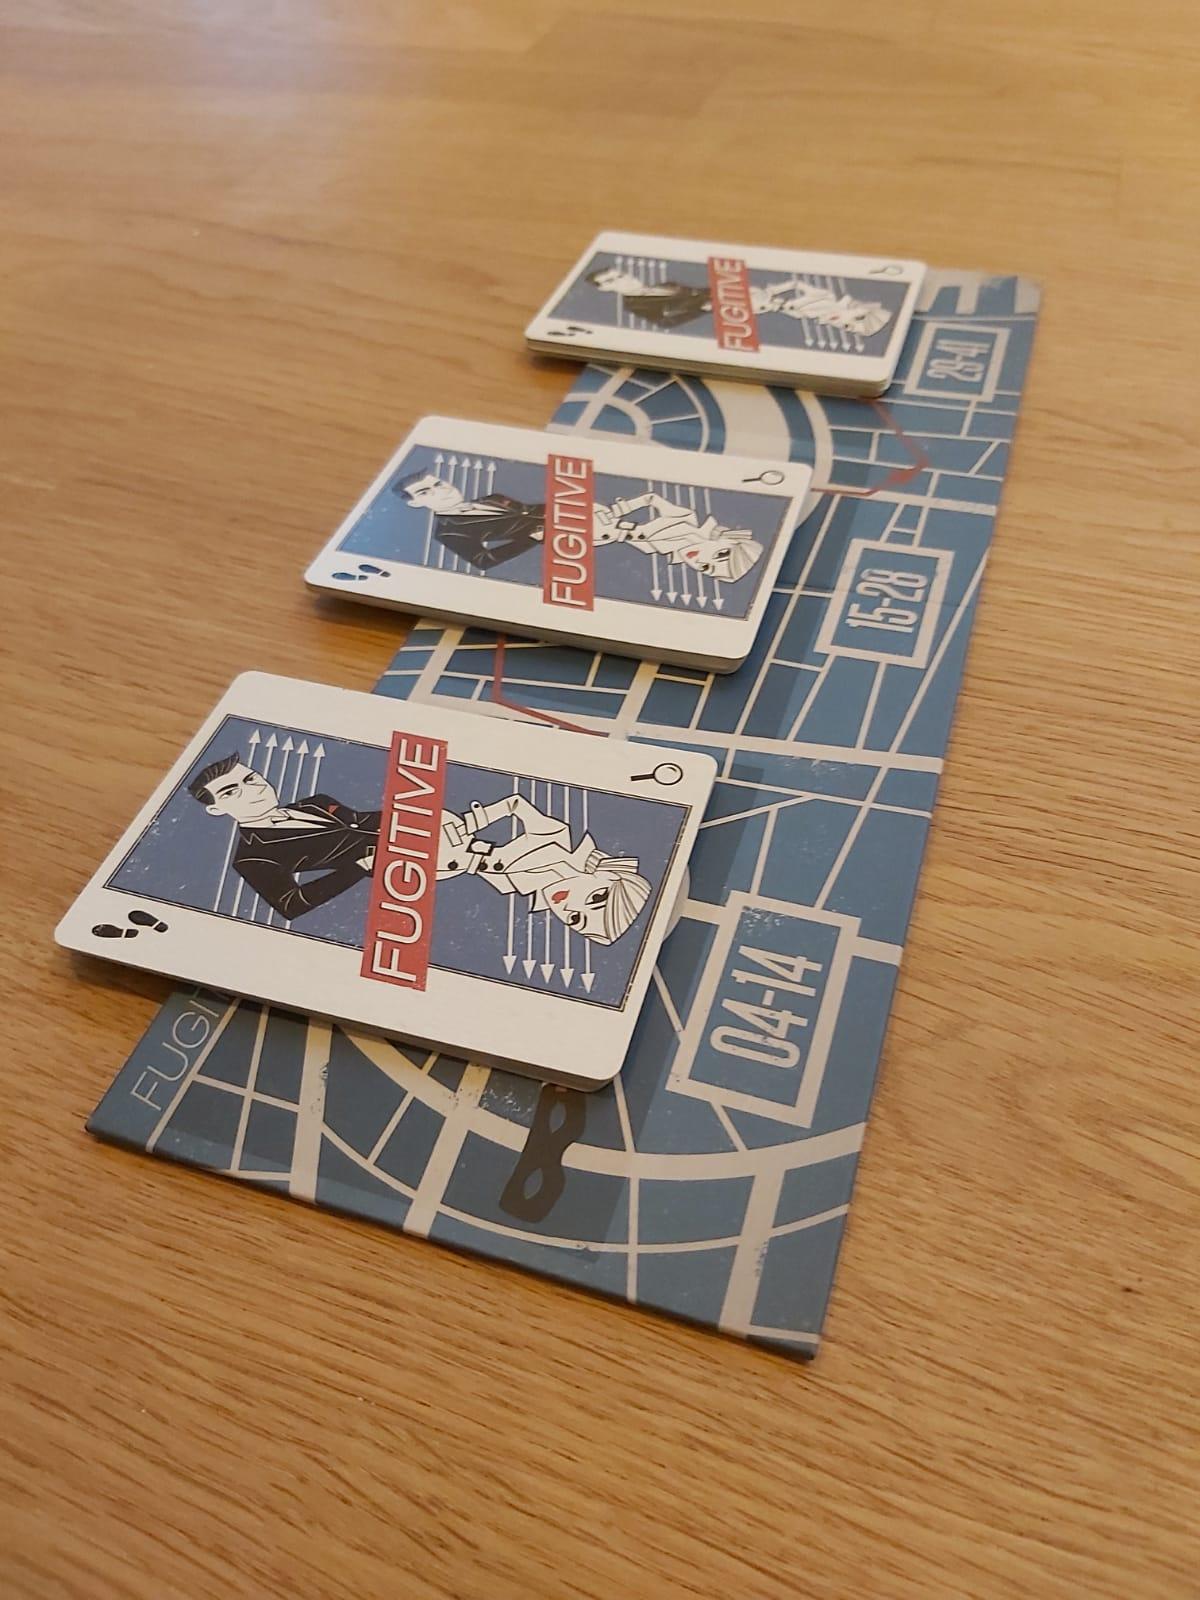 Zu sehen sind die 3 Kartenstapel von Fugitive, die am Spielanfang präpariert werden.